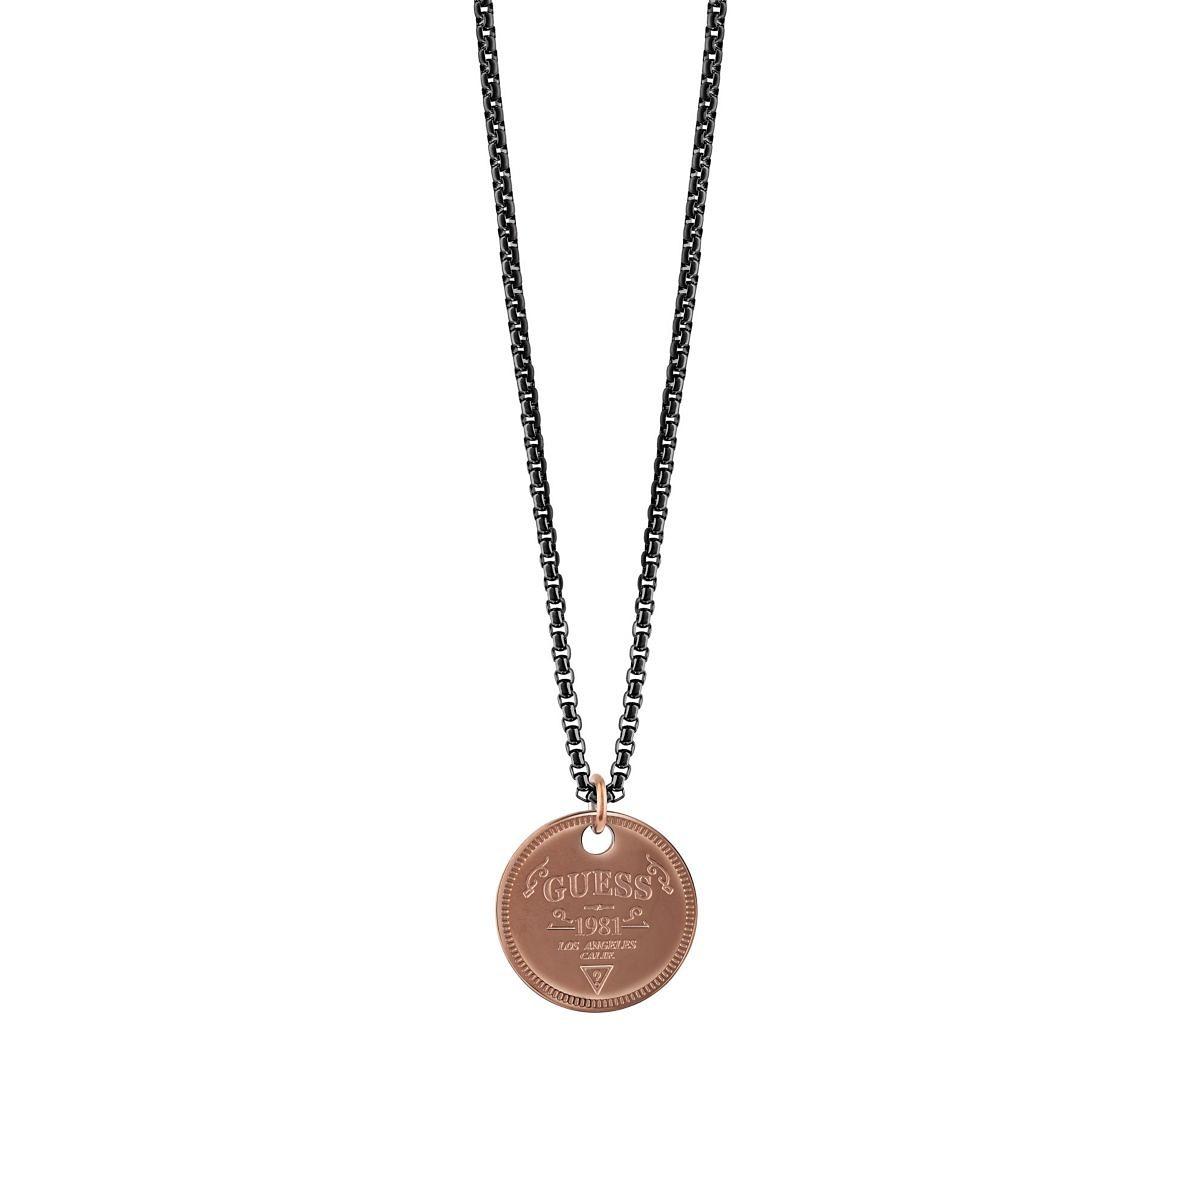 Guess Halskette Shapes Moneta braun plattiert